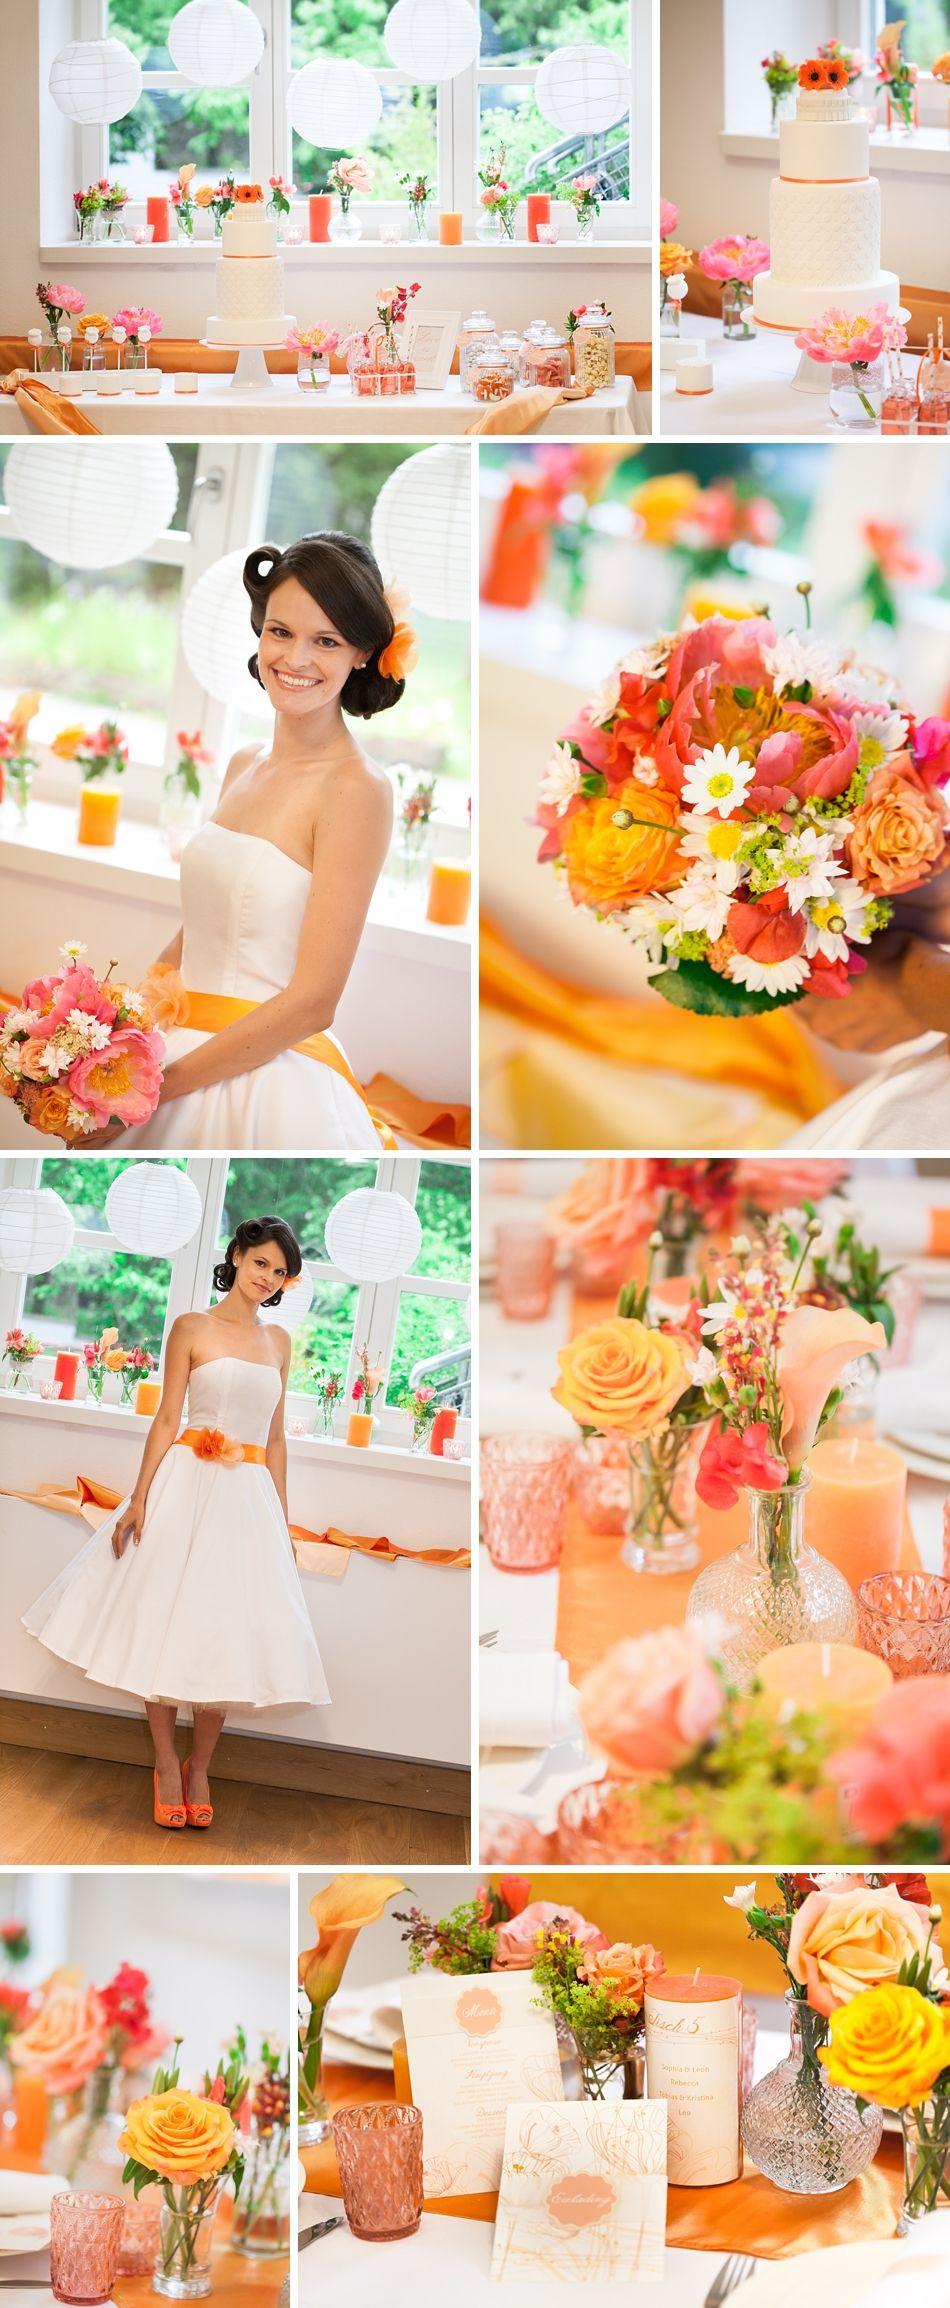 apricot wedding color scheme apricot peach bridal shoot orange plants flowers bridal. Black Bedroom Furniture Sets. Home Design Ideas